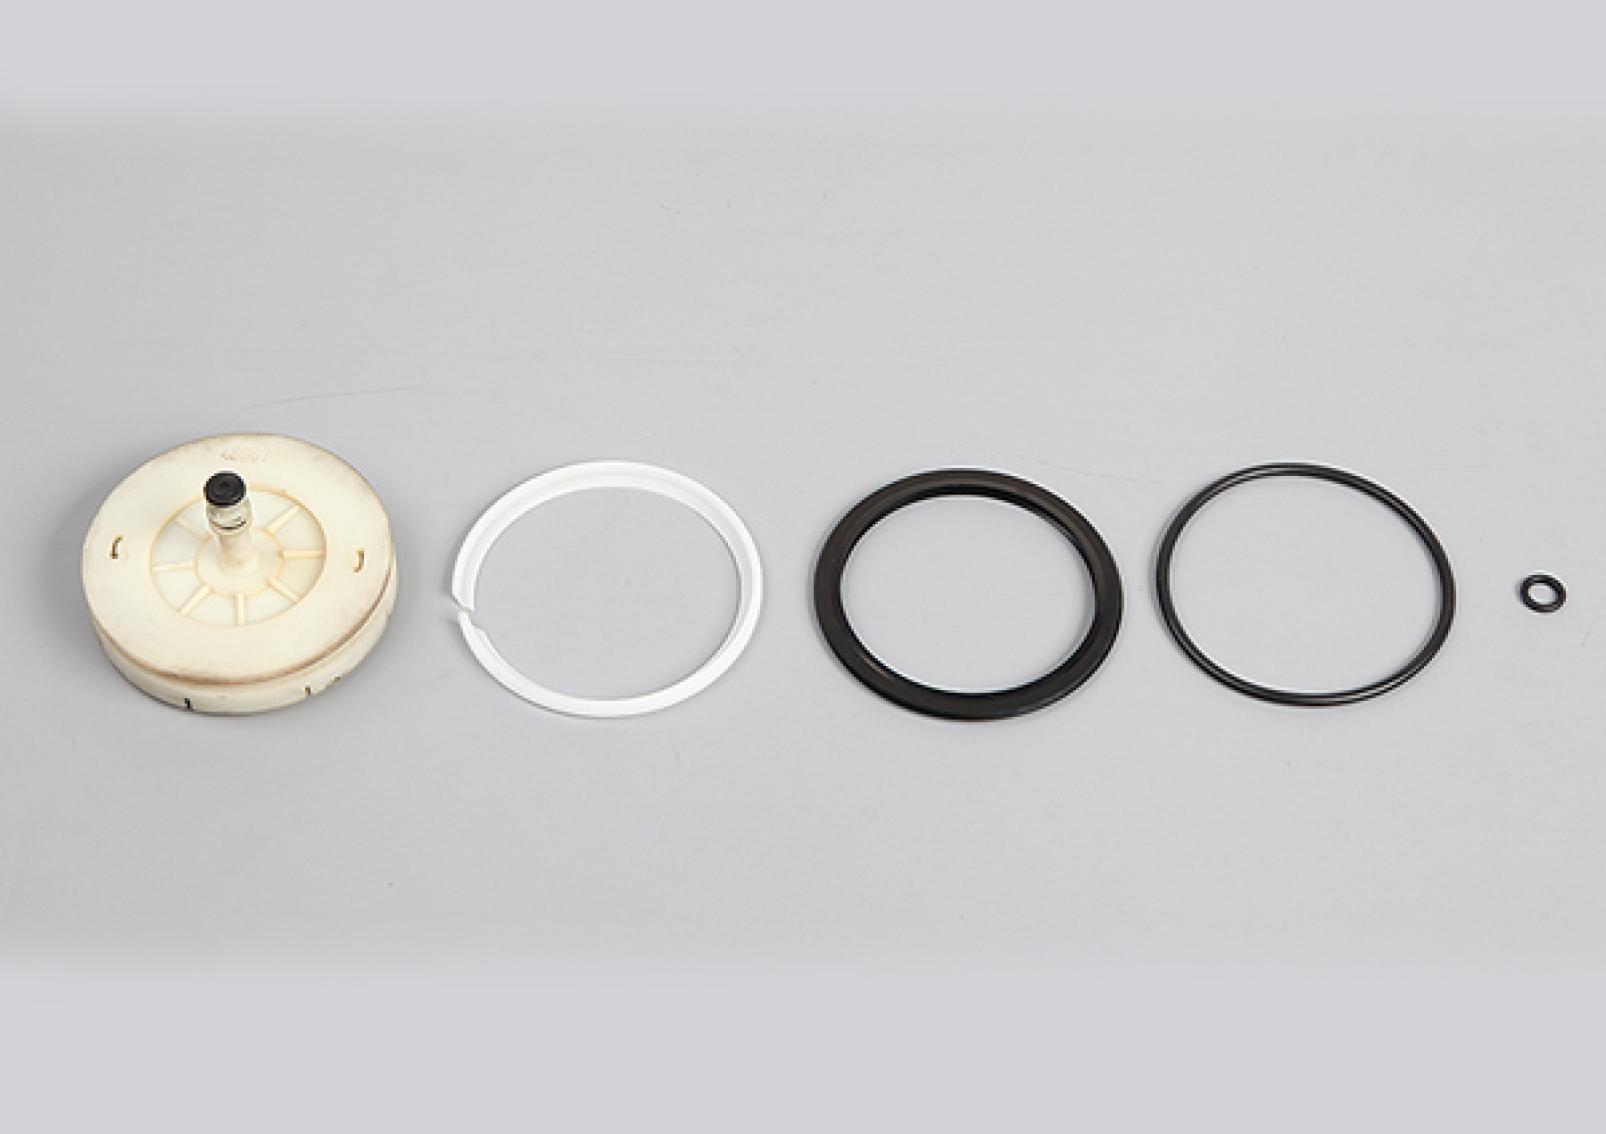 Air Dryer Valve Repair Kit, K003442